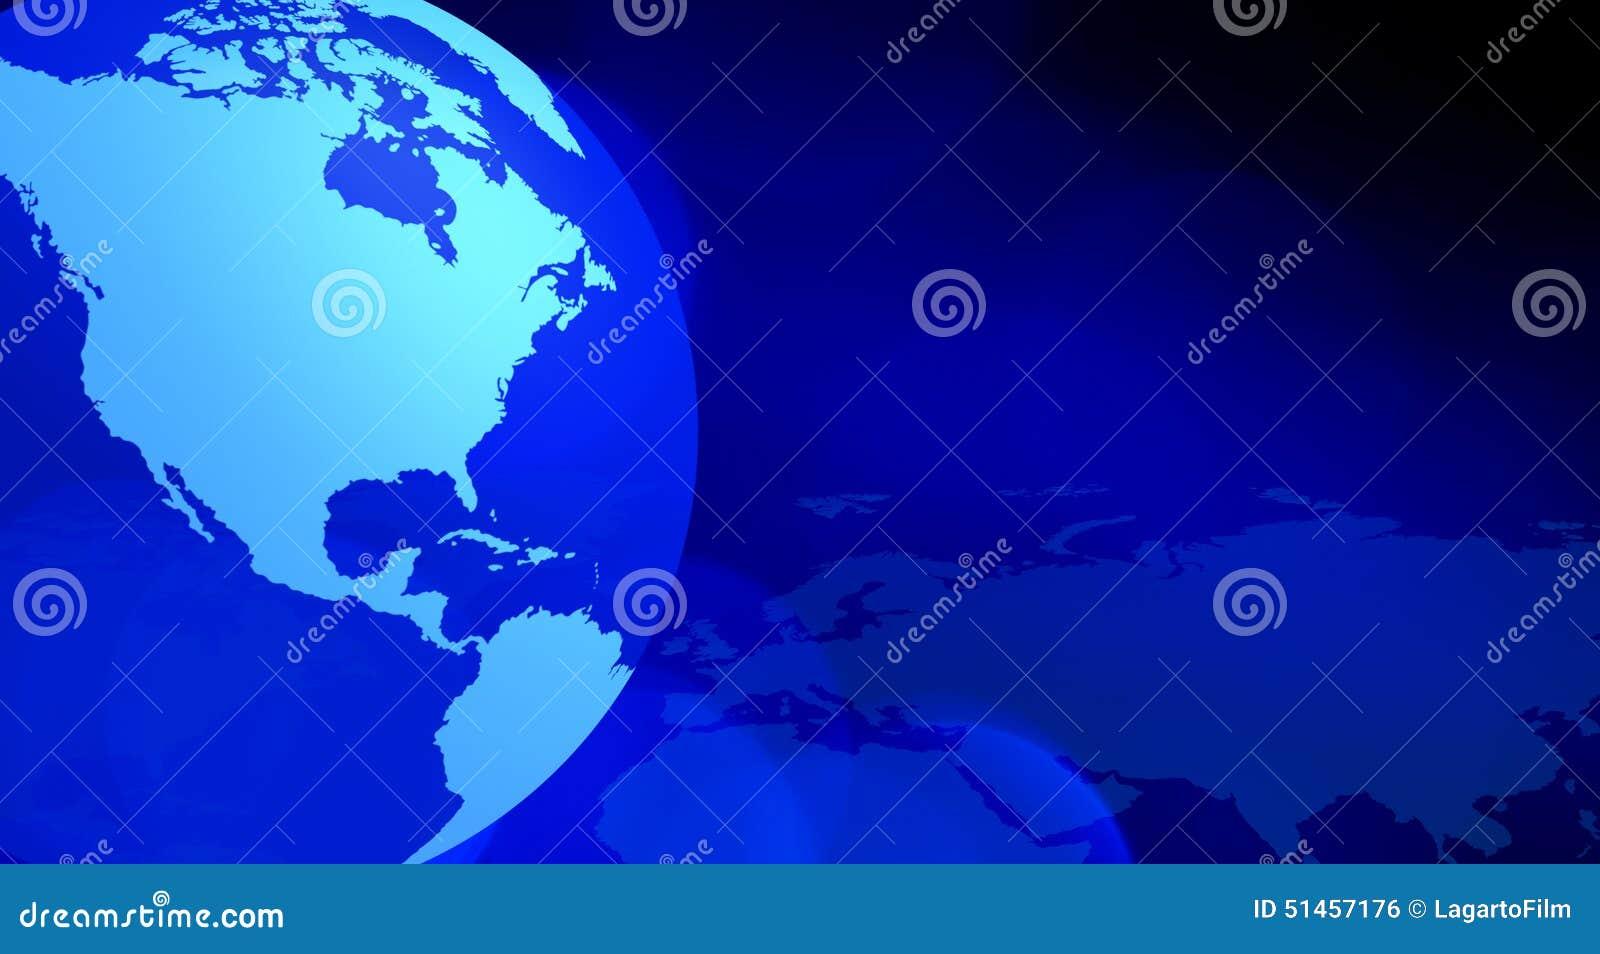 Blauer abstrakter Hintergrund der Kontinente